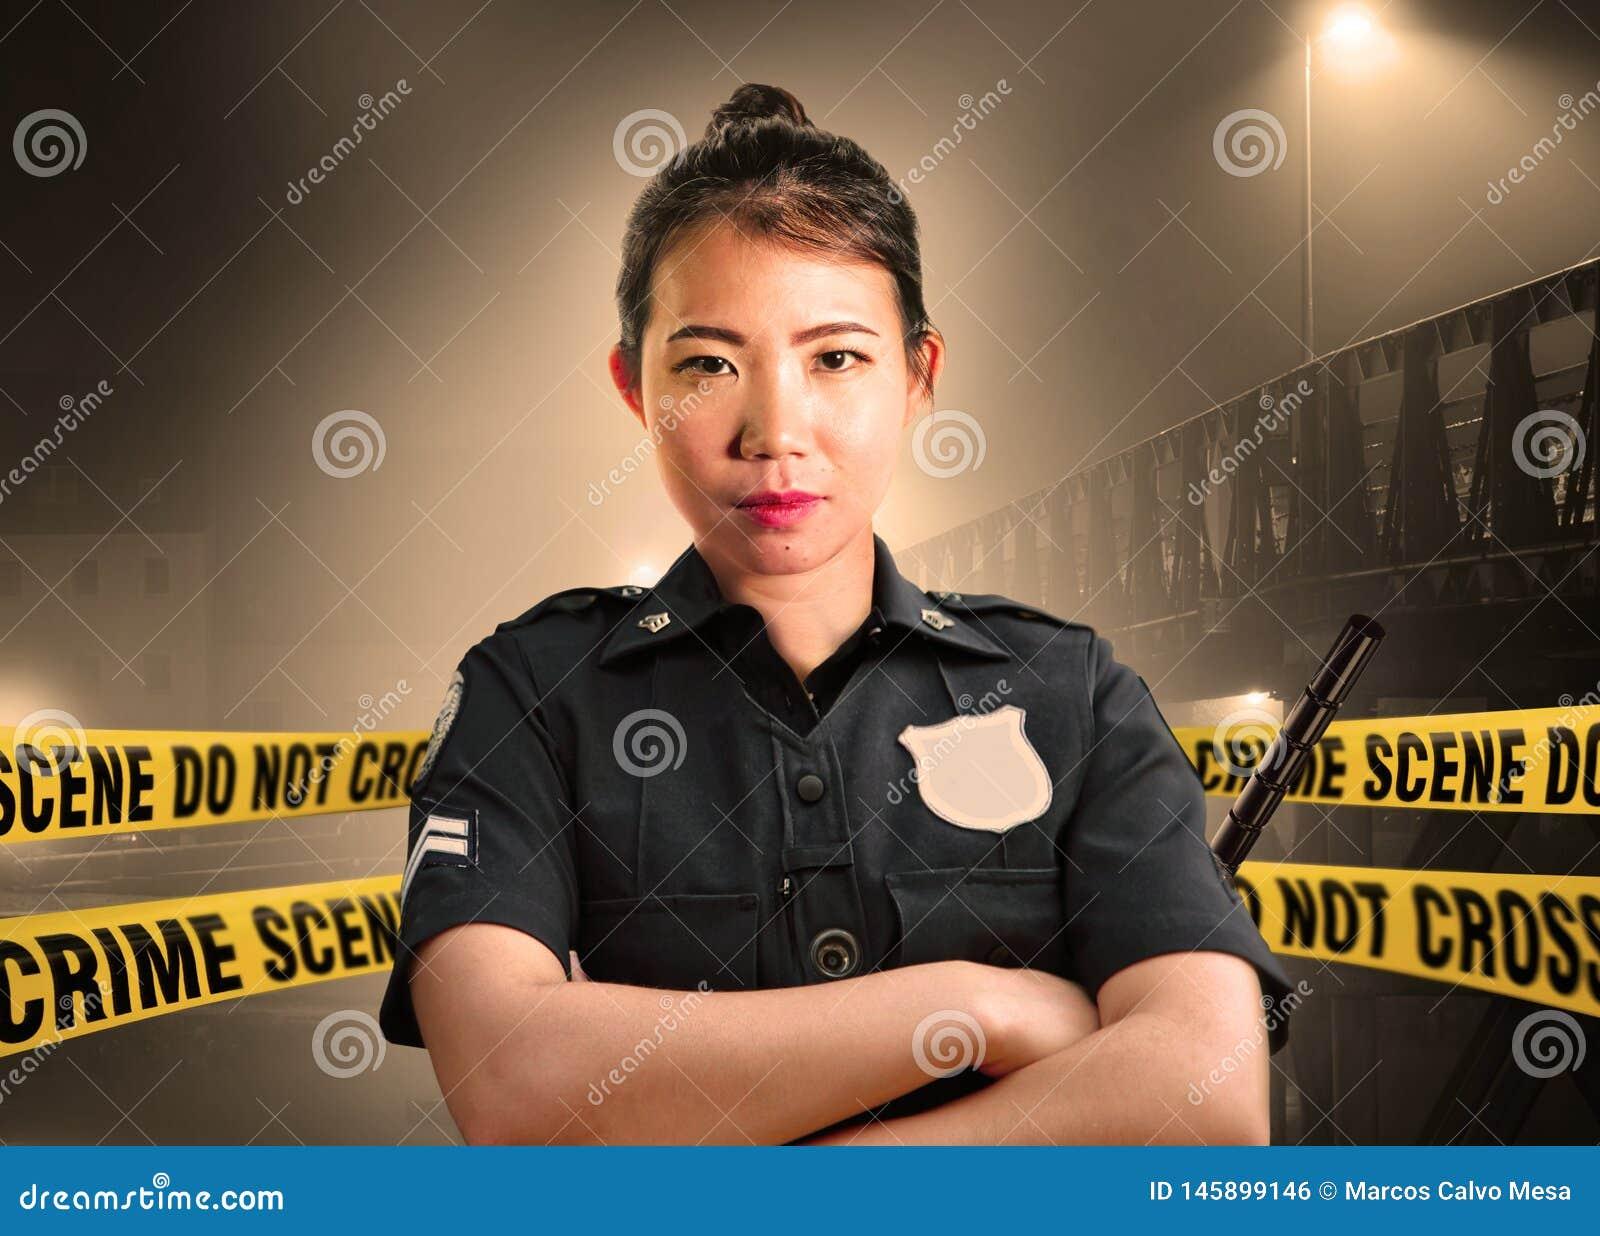 Situación americana asiática joven del oficial de policía seria en la custodia de la escena del crimen para preservar pruebas en